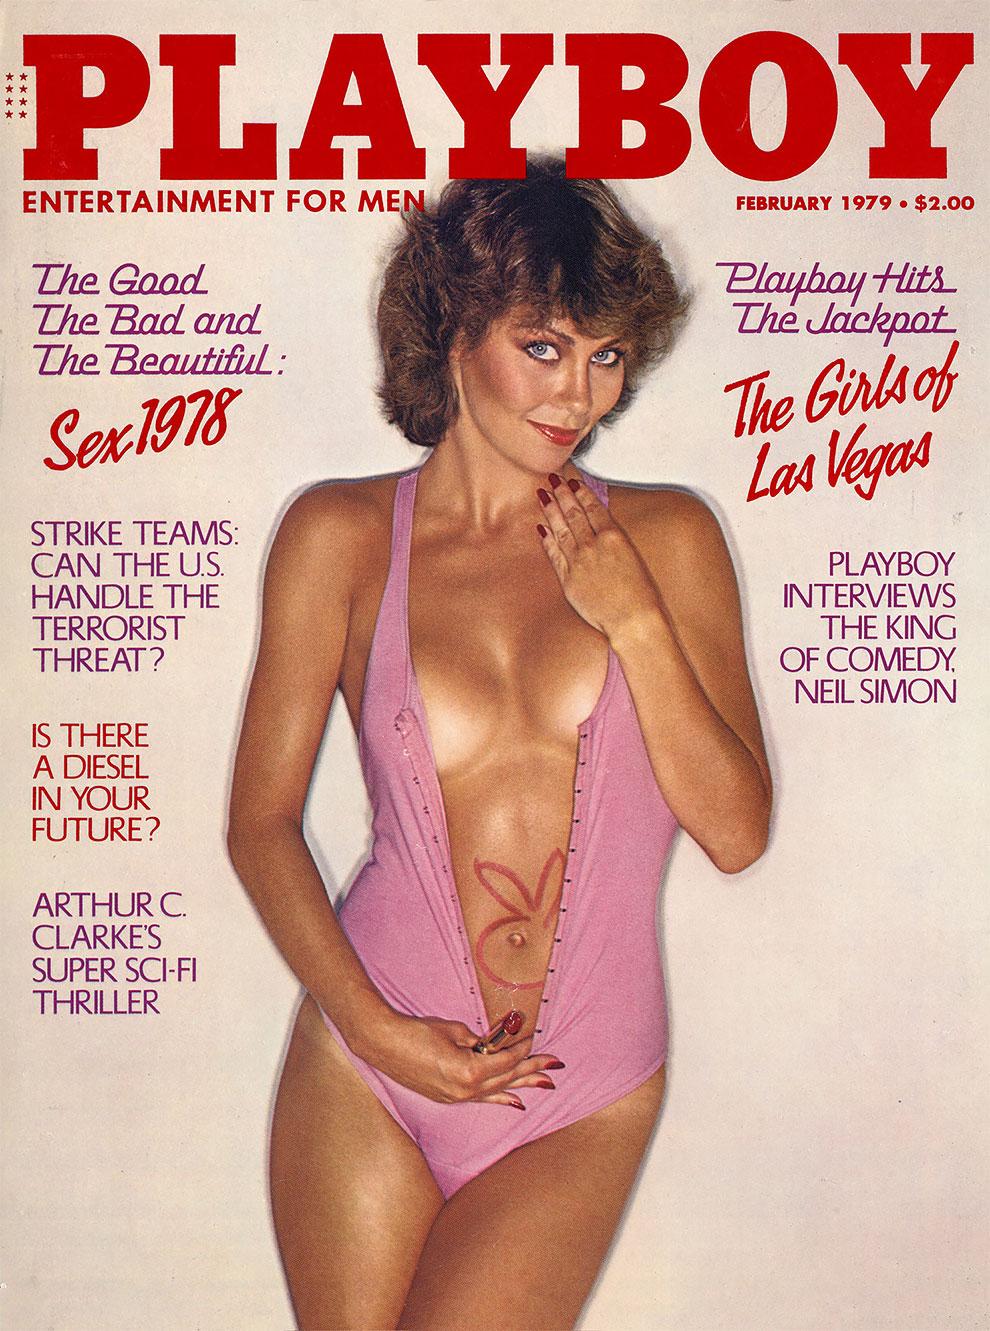 30 лет спустя: журнал Playboy воссоздал свои культовые обложки с теми же моделями 1